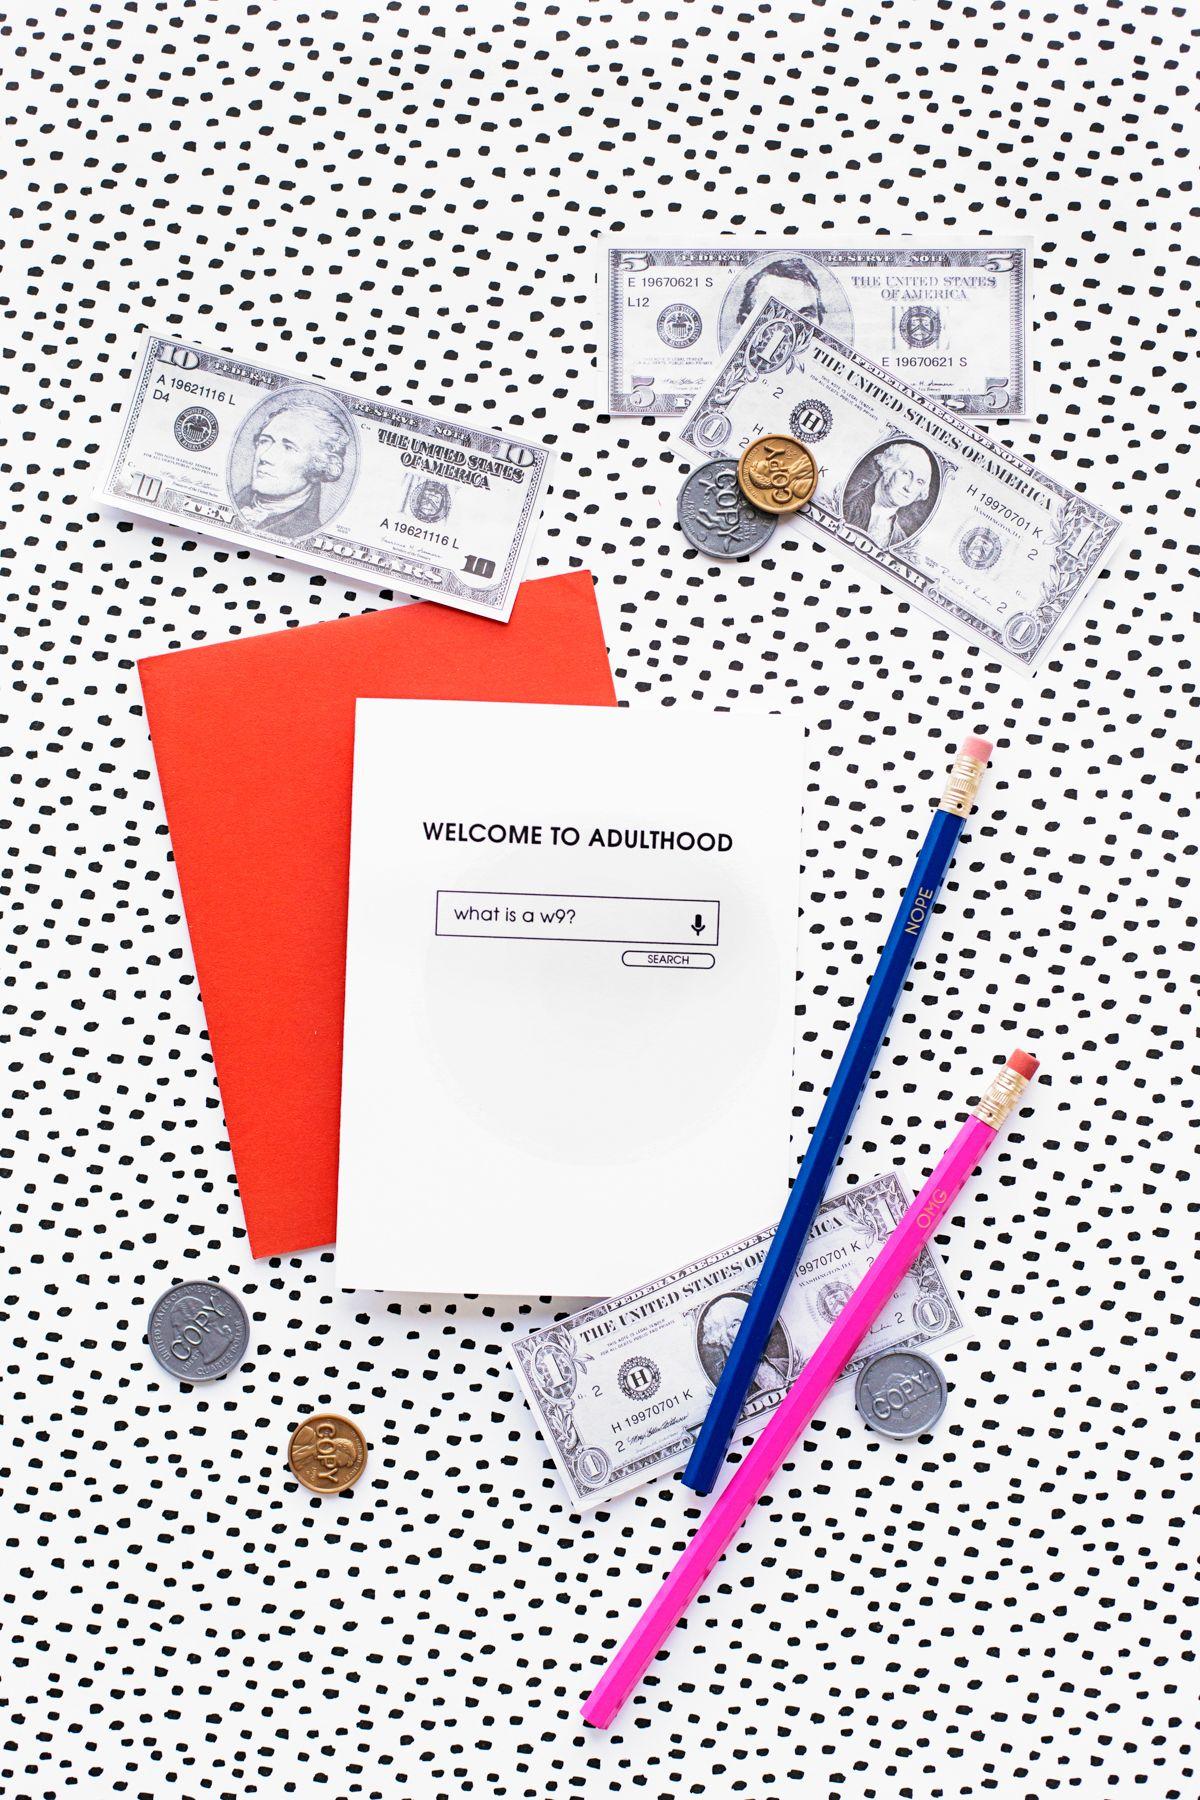 Welcome To Adulthood: Free Printable Graduation Cards | Graduation - Free Printable Graduation Cards